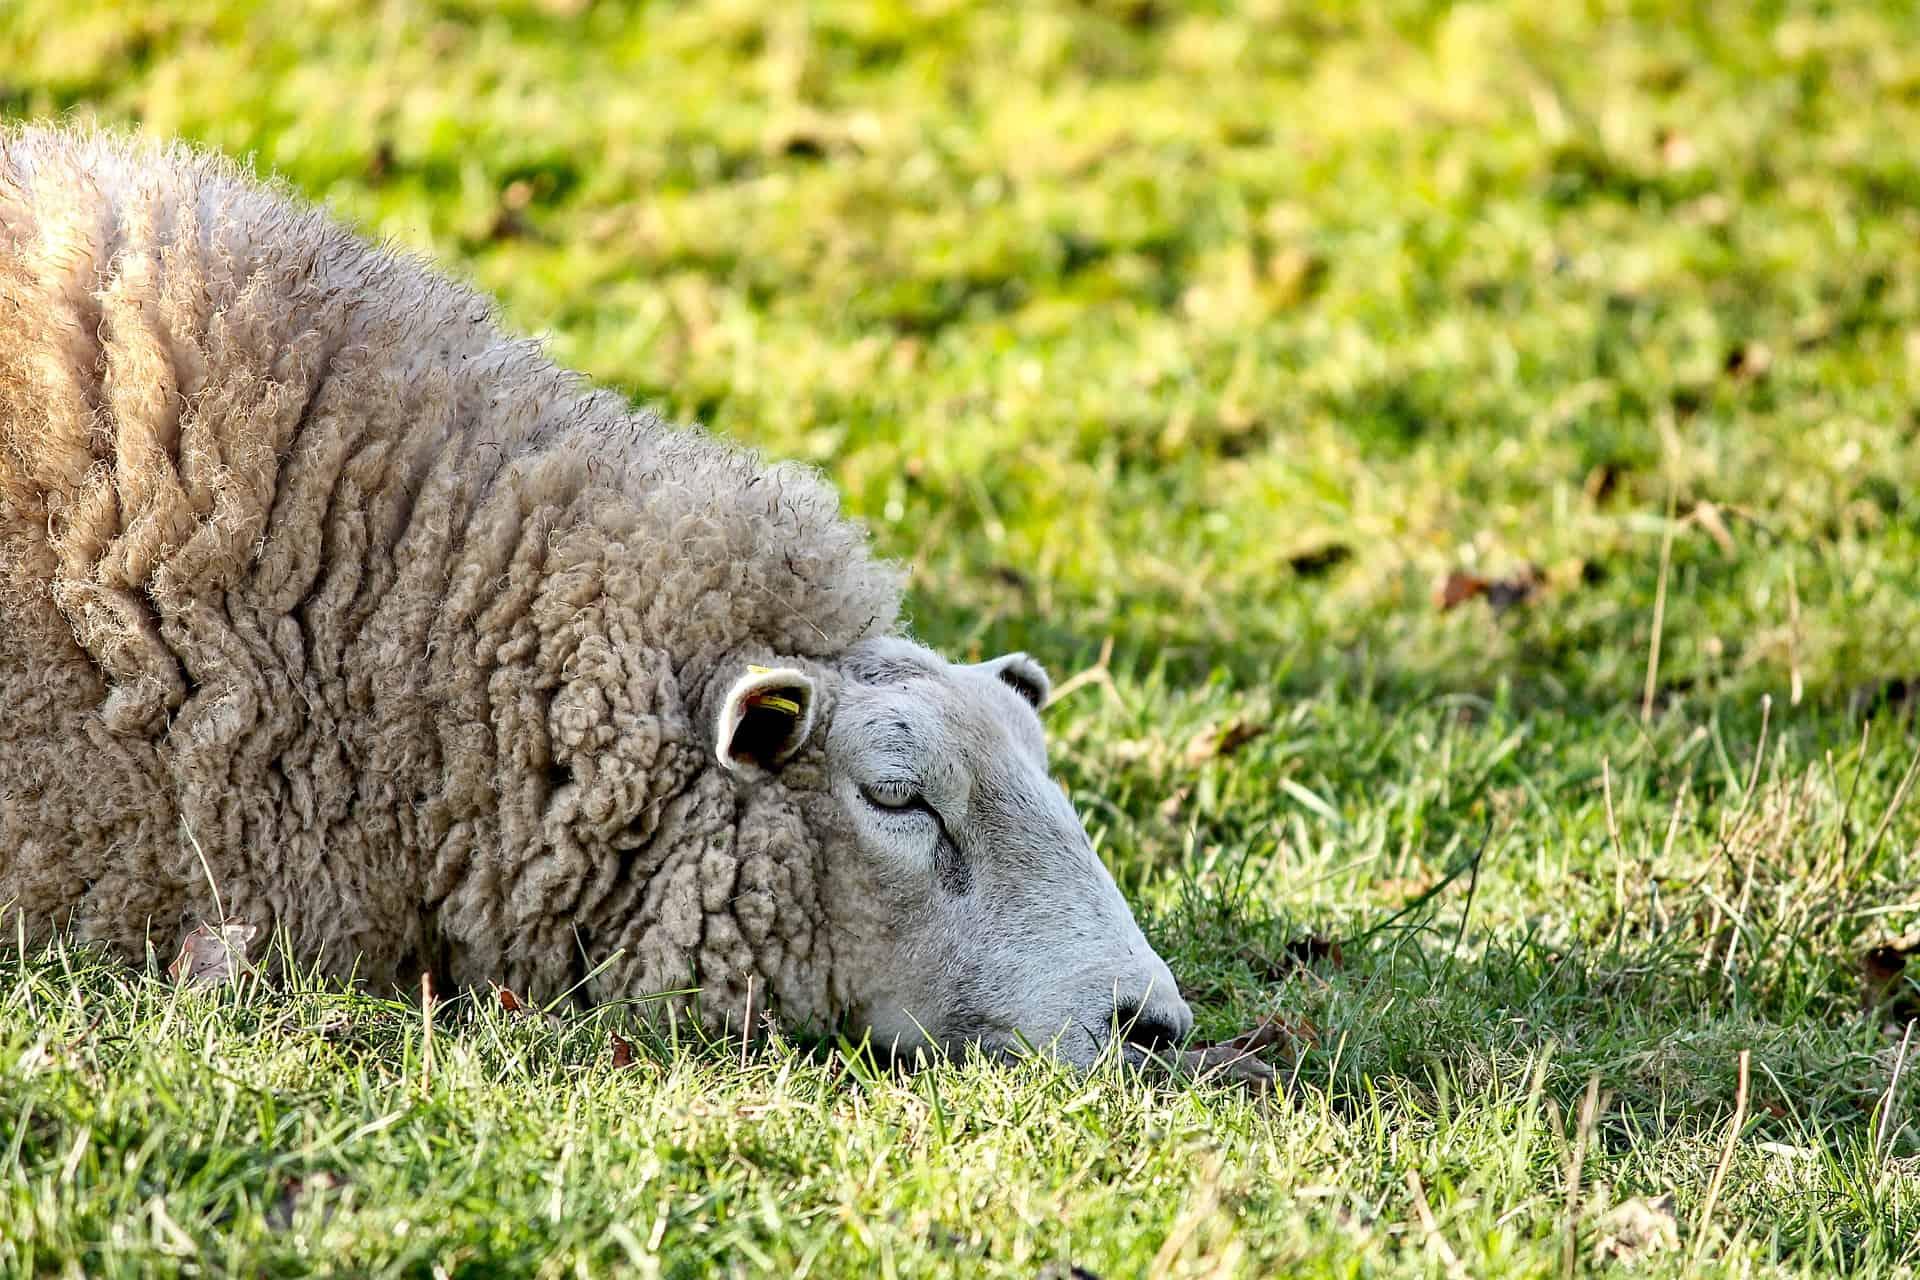 Schlafen hilft bei Frühjahrsmüdigkeit